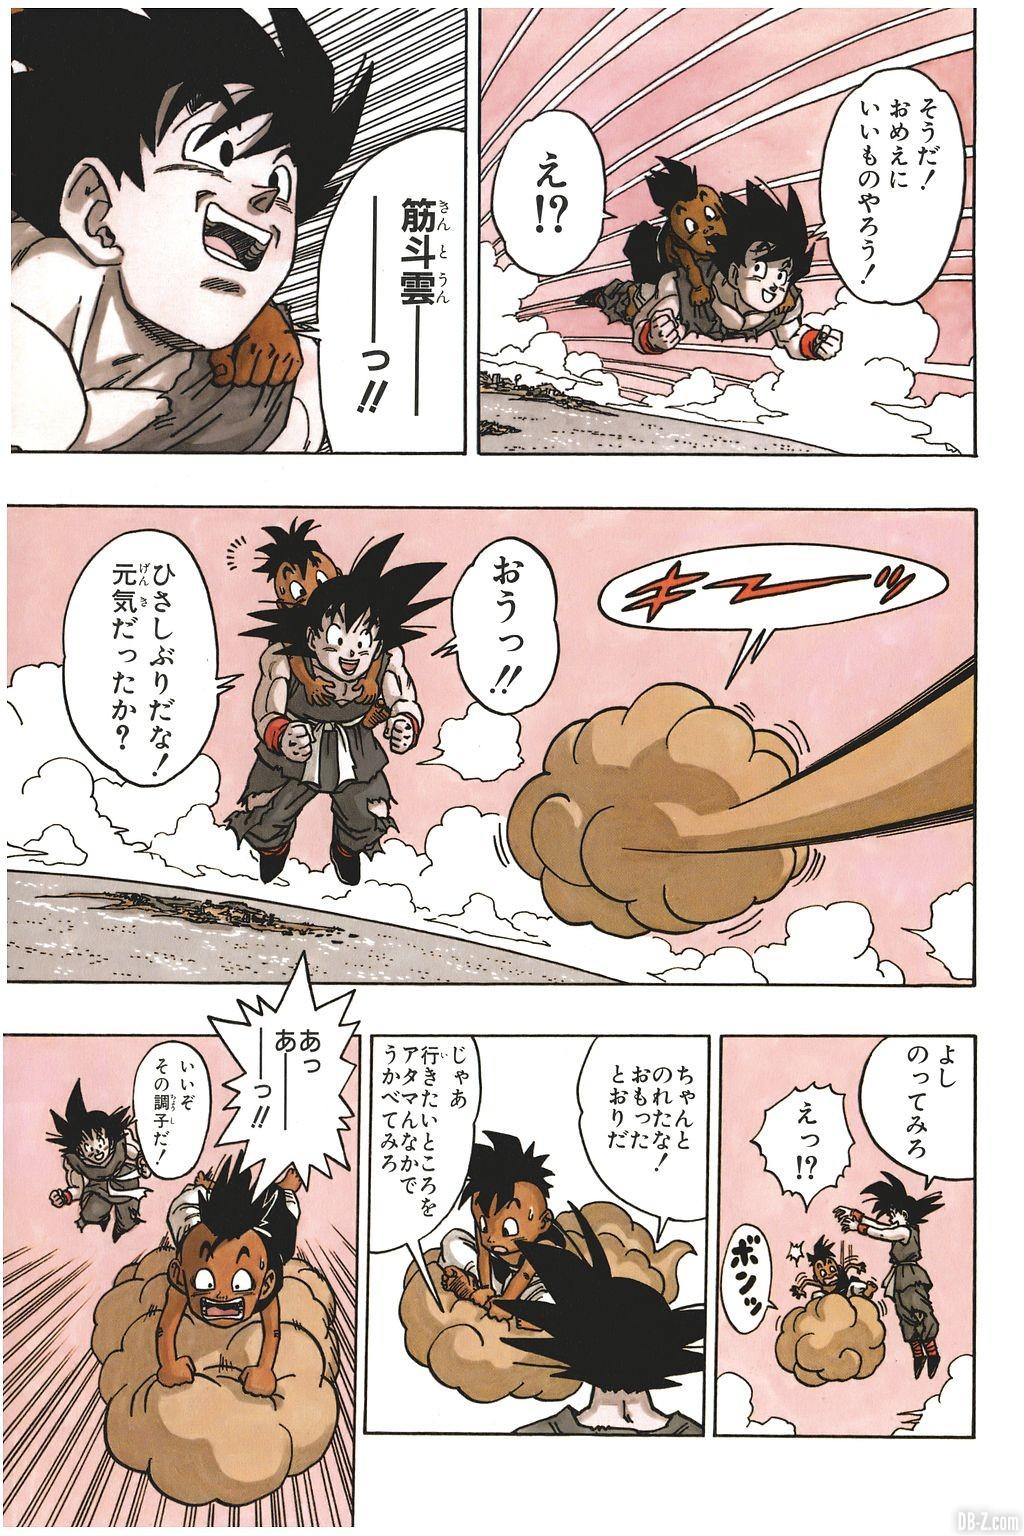 Dernier Chapitre Dragon Ball Page 17